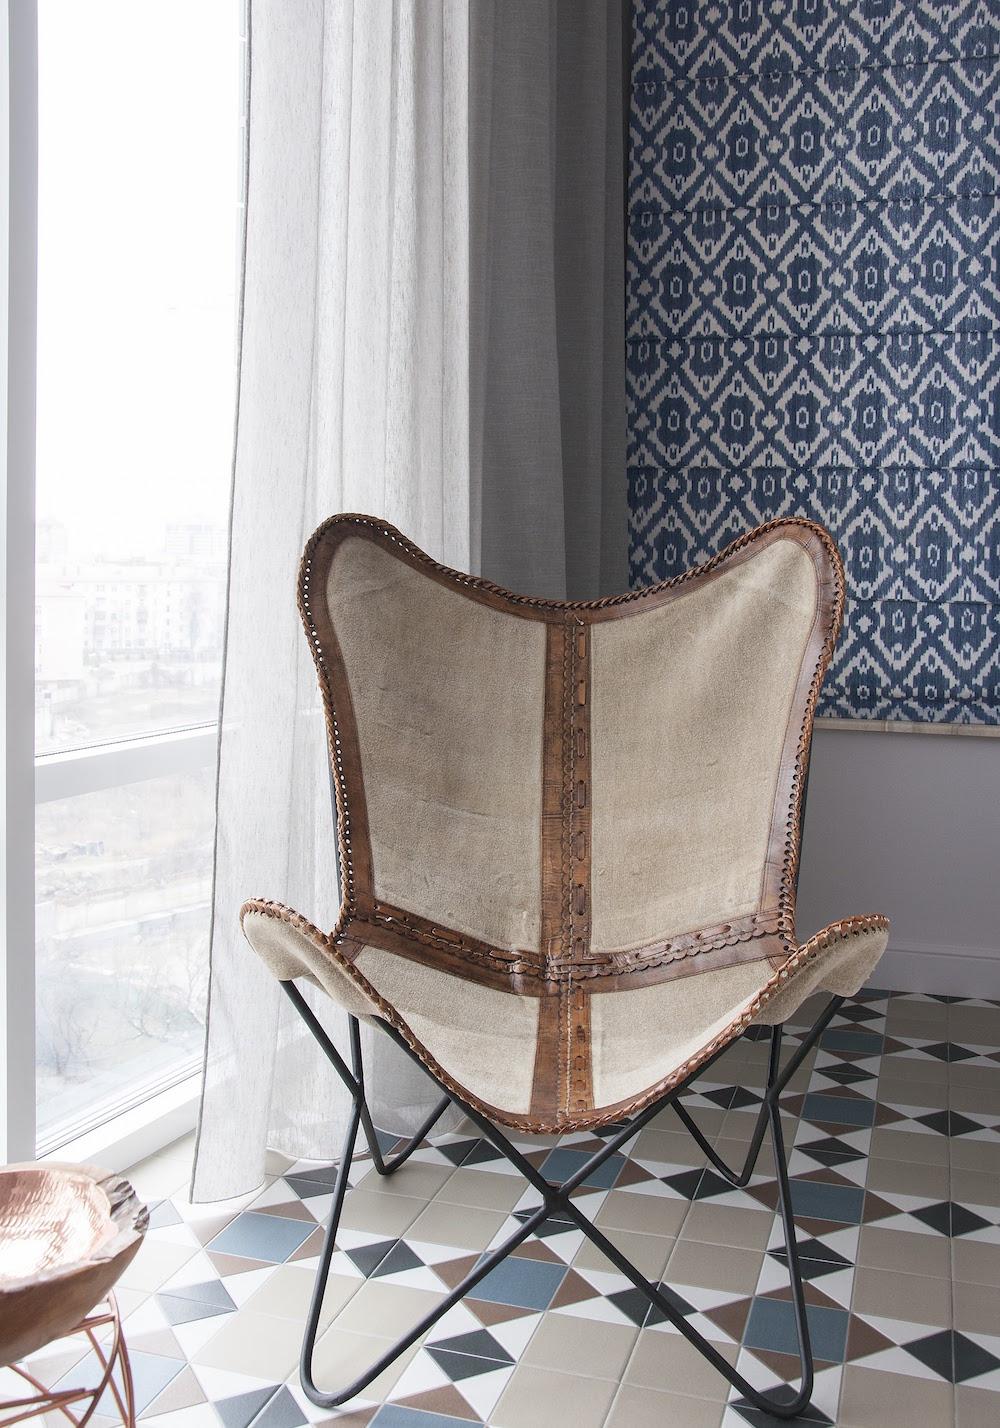 Art decor apartment butterfly chair